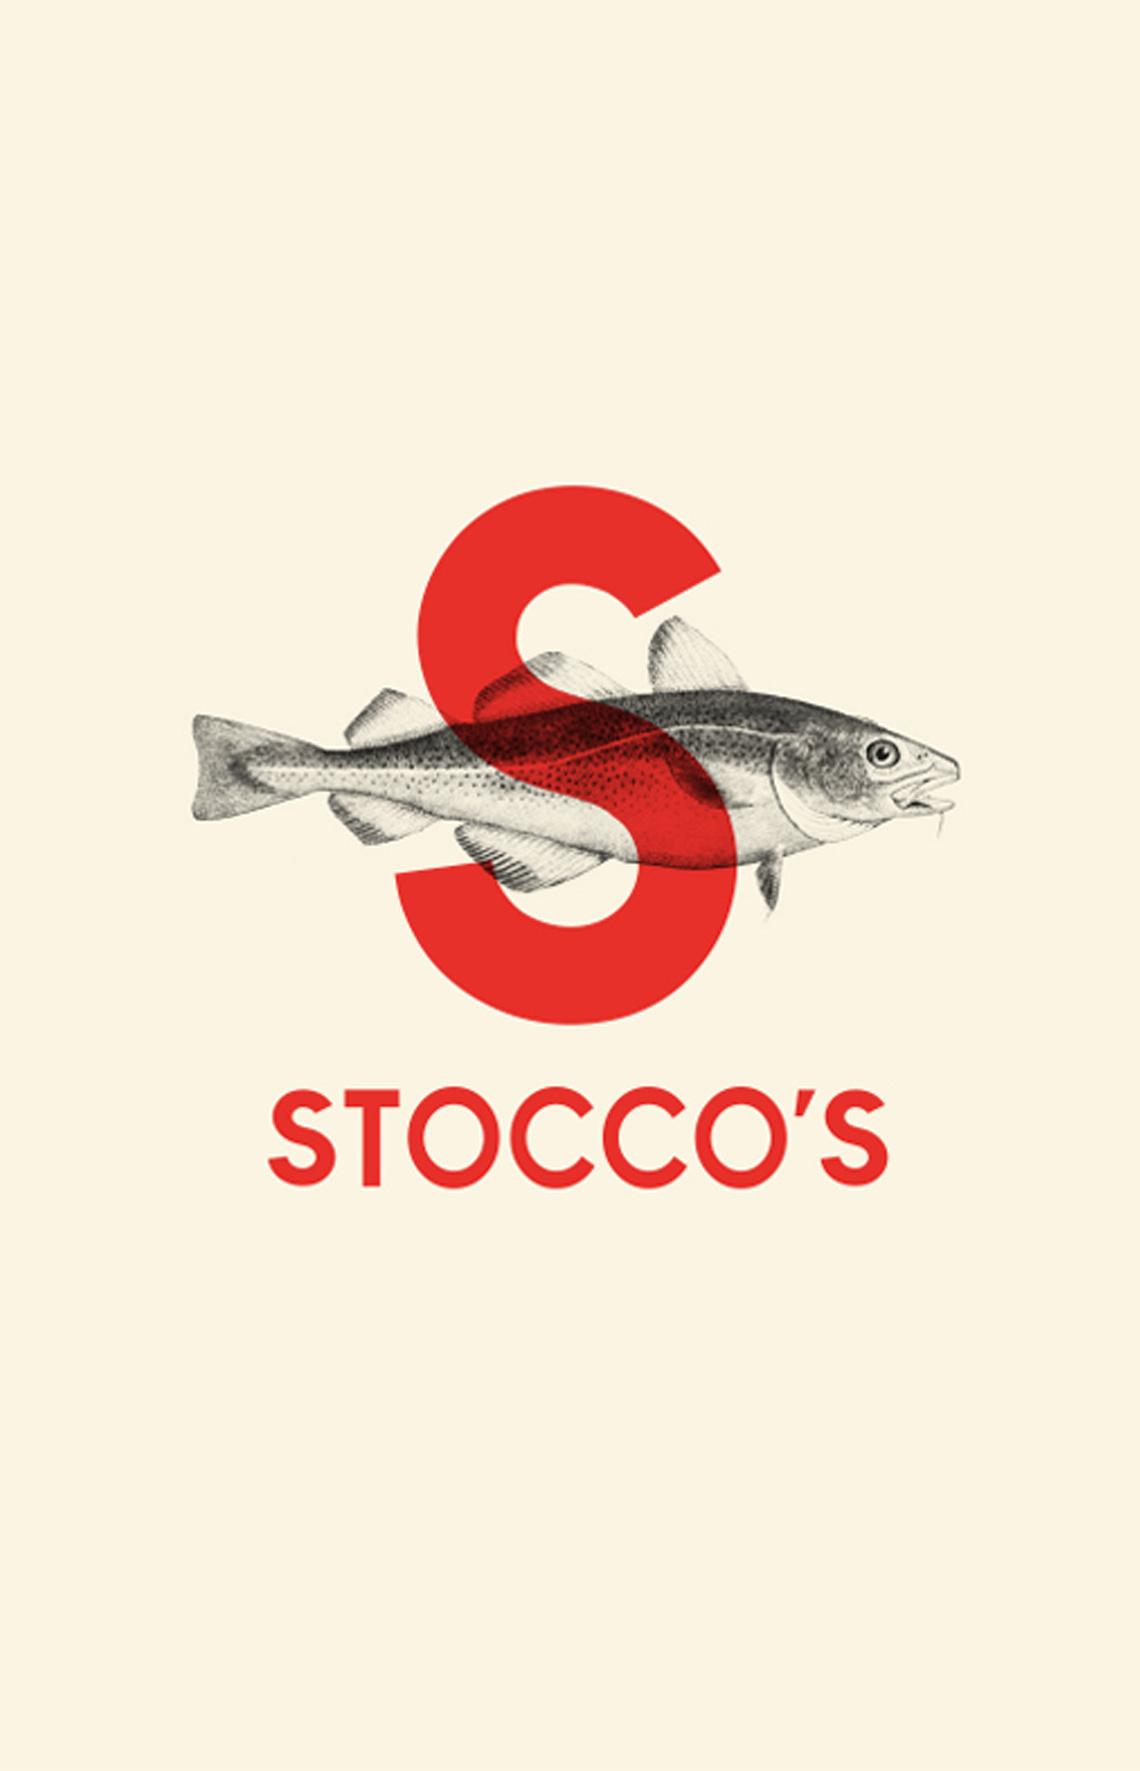 Creazione logo Stocco's